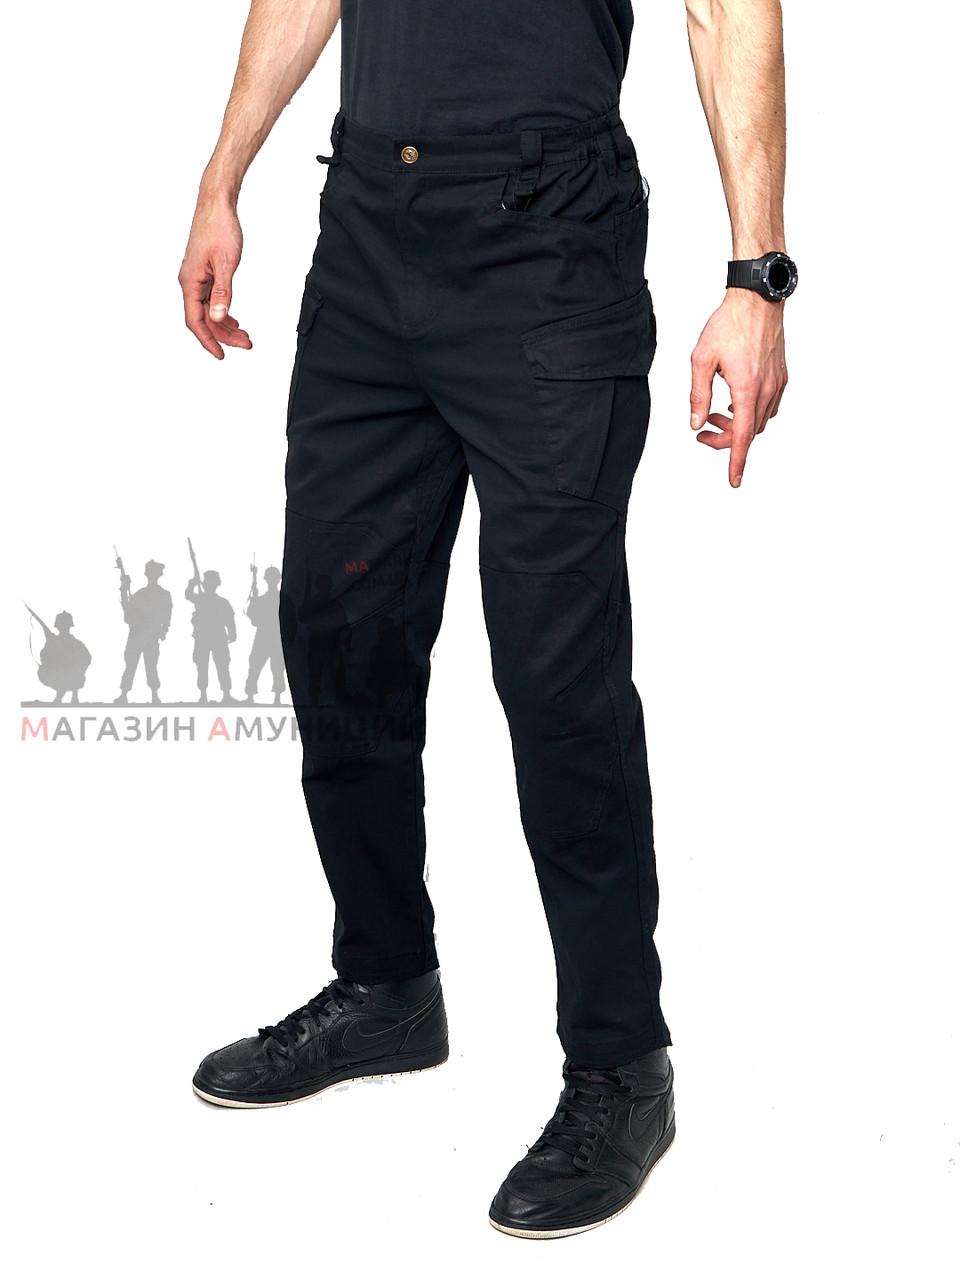 Багатофункціональні брюки тактичні. ESDY. Чорні M